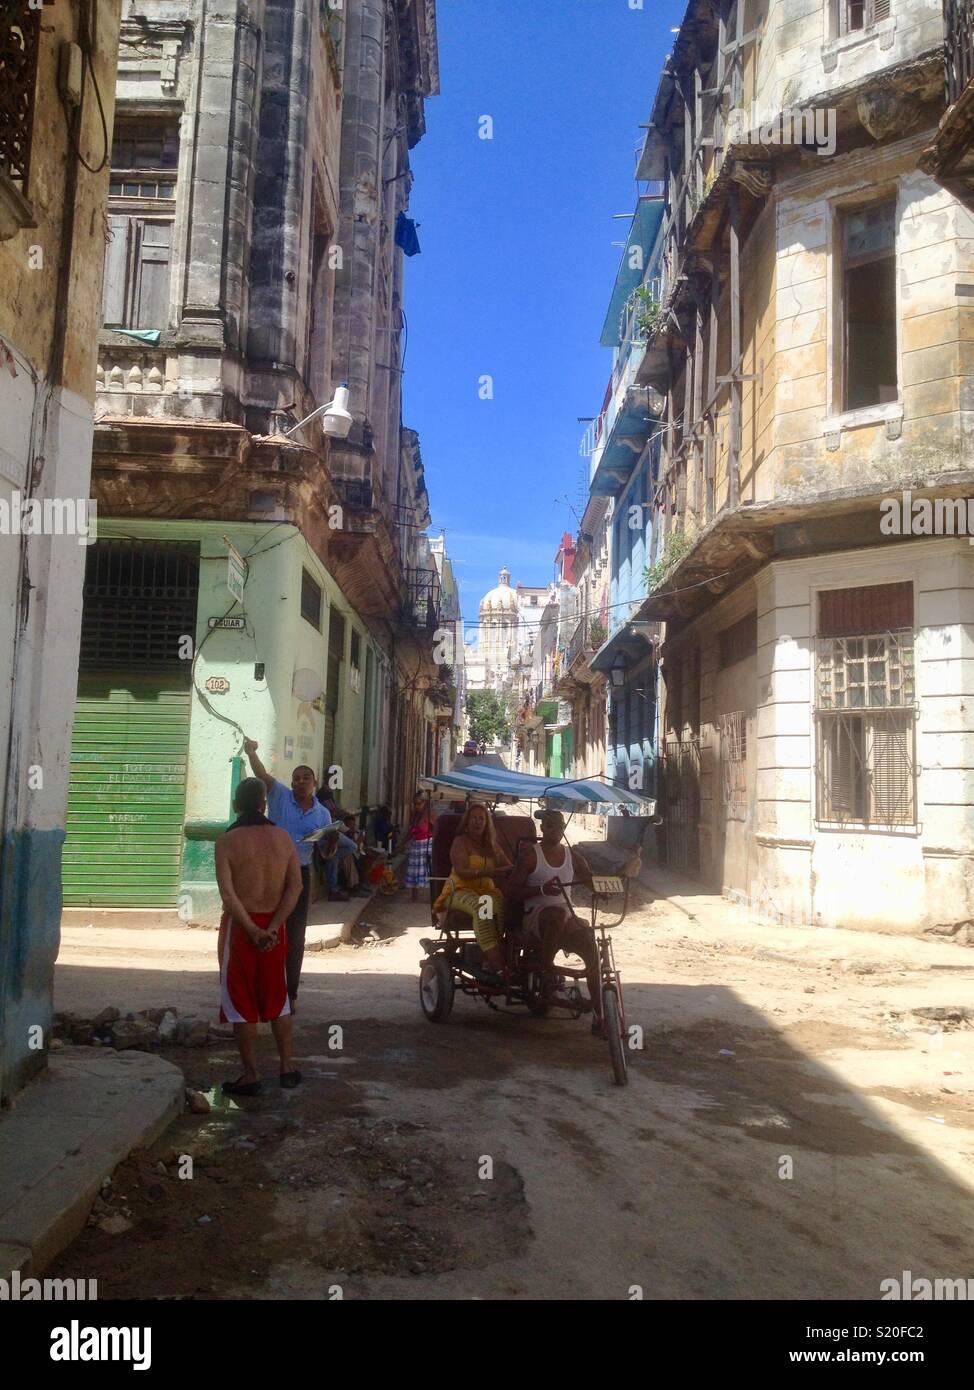 Den Alltag in der kubanischen Hauptstadt Havanna in Zeiten vor dem Öffnen der Beziehung zu den USA Stockbild